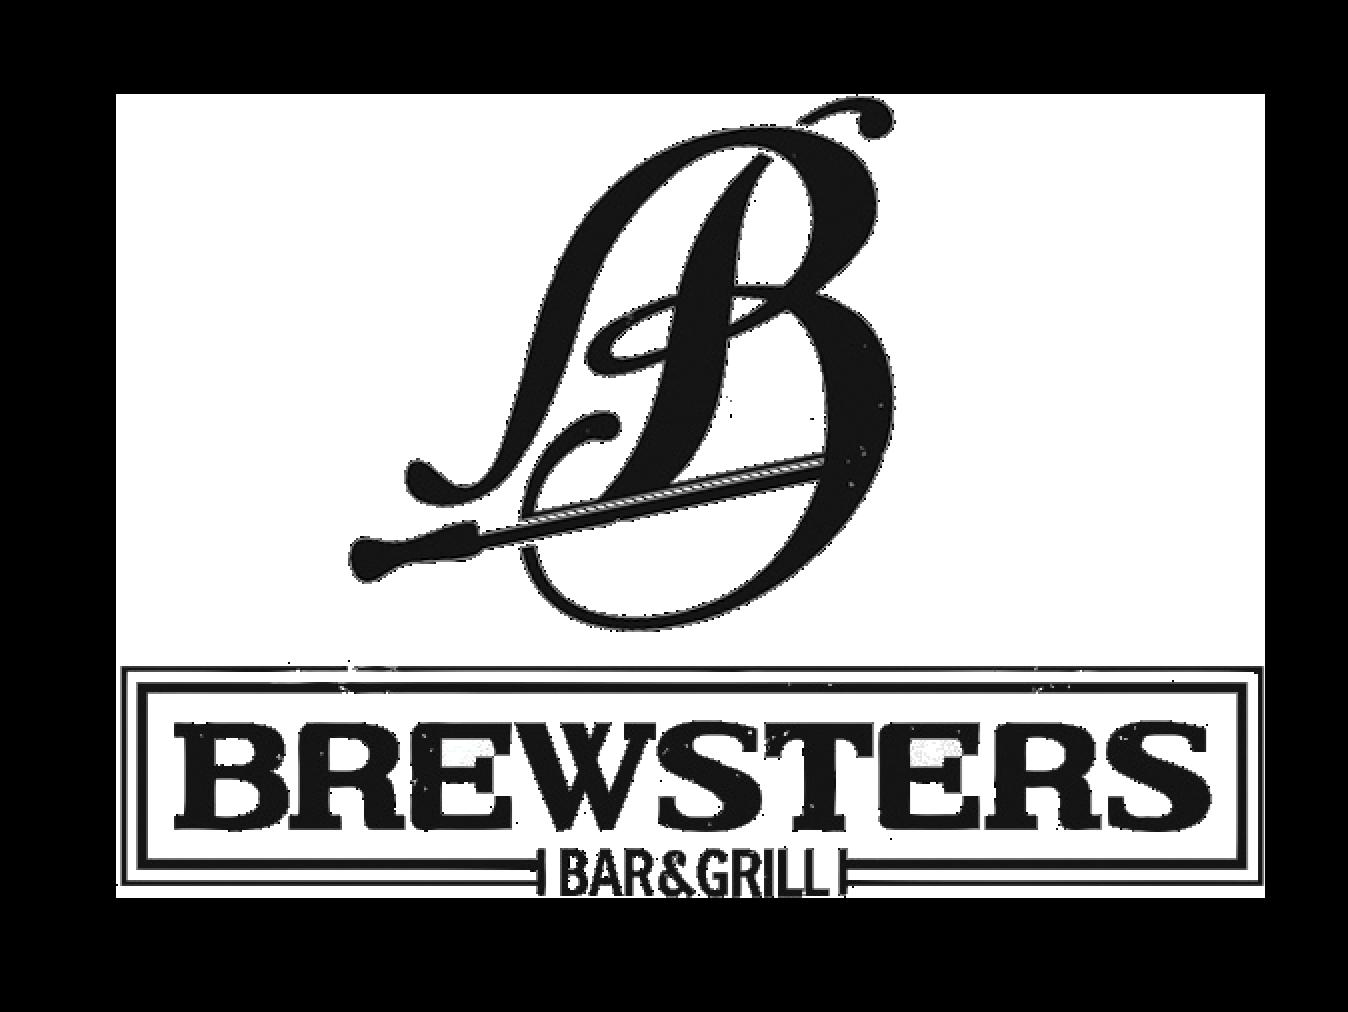 Brewsters Bar & Grill logo